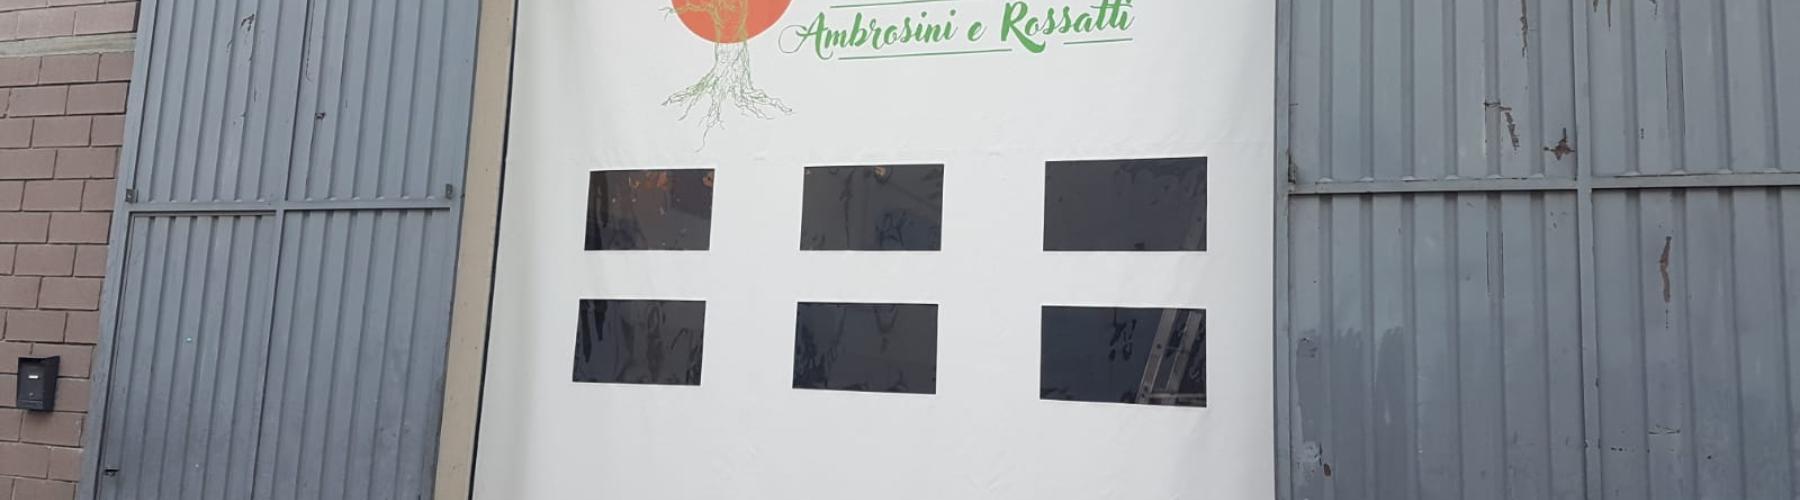 Fornitura e posa nuova porta rapida presso Ambrosini e Rossatti srl: Immagine Header